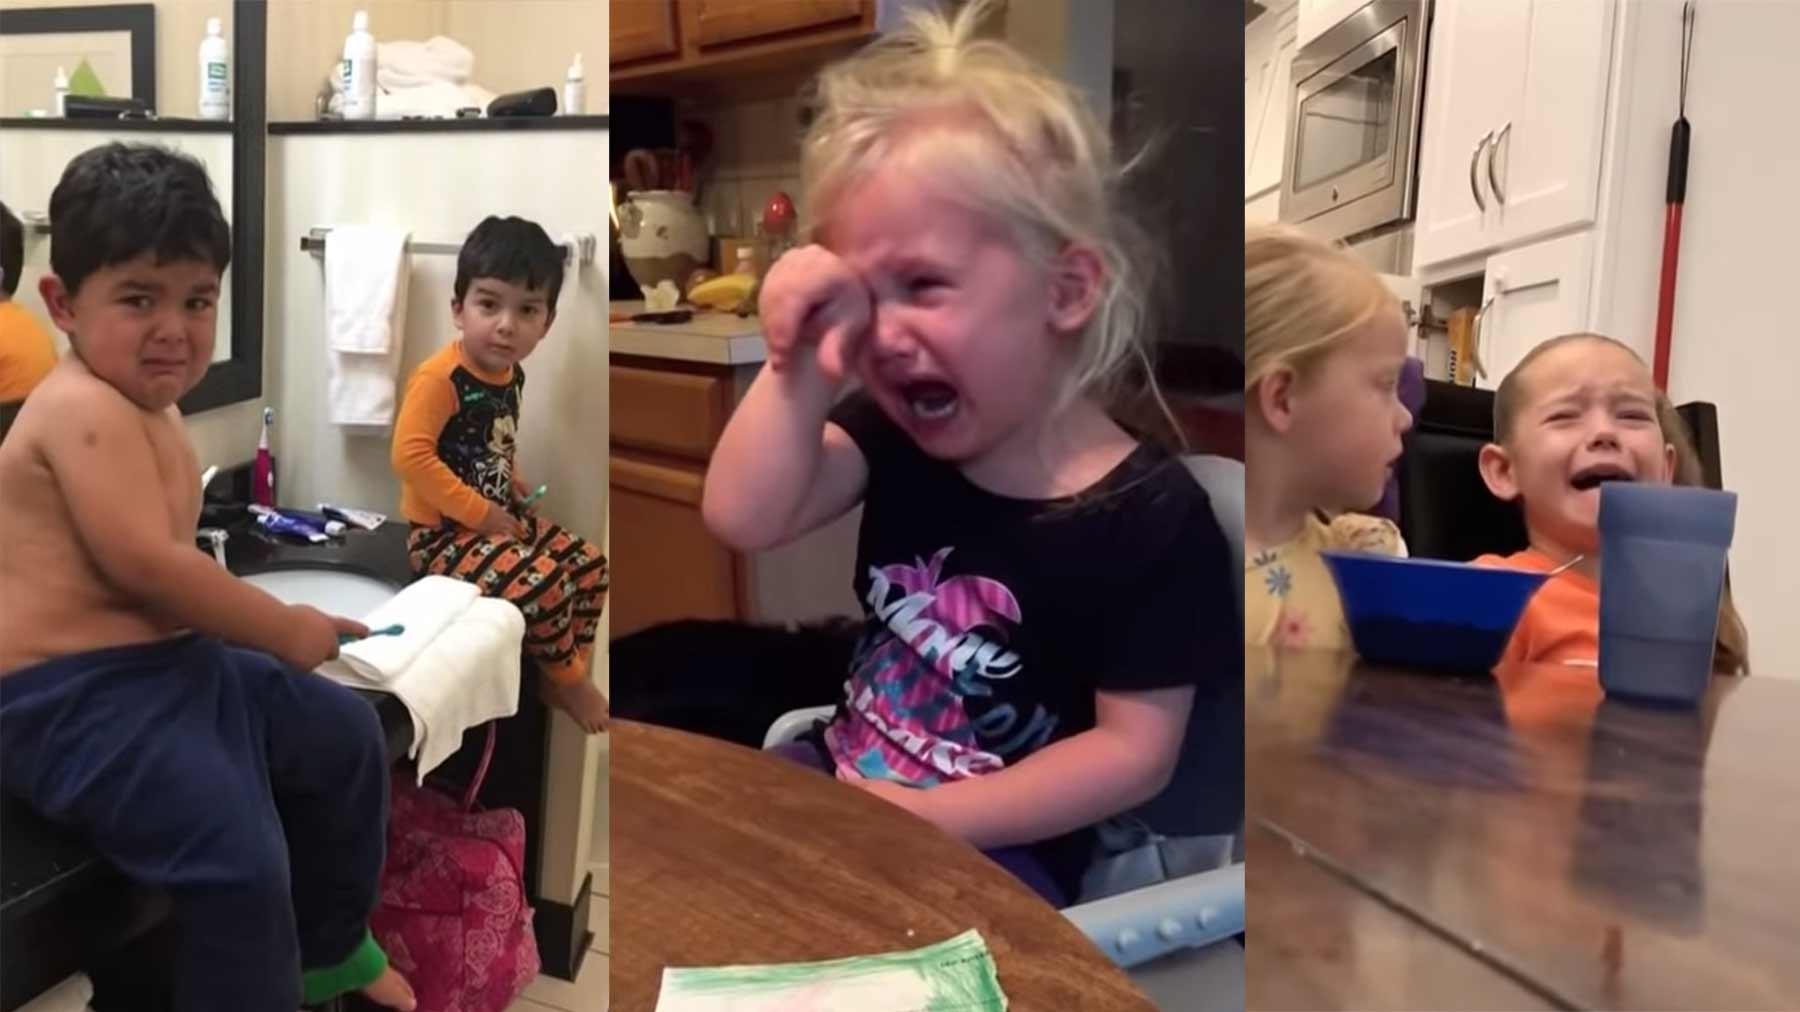 Eltern sagen Kindern, sie hätten alle Halloween-Süßigkeiten aufgegessen 2019